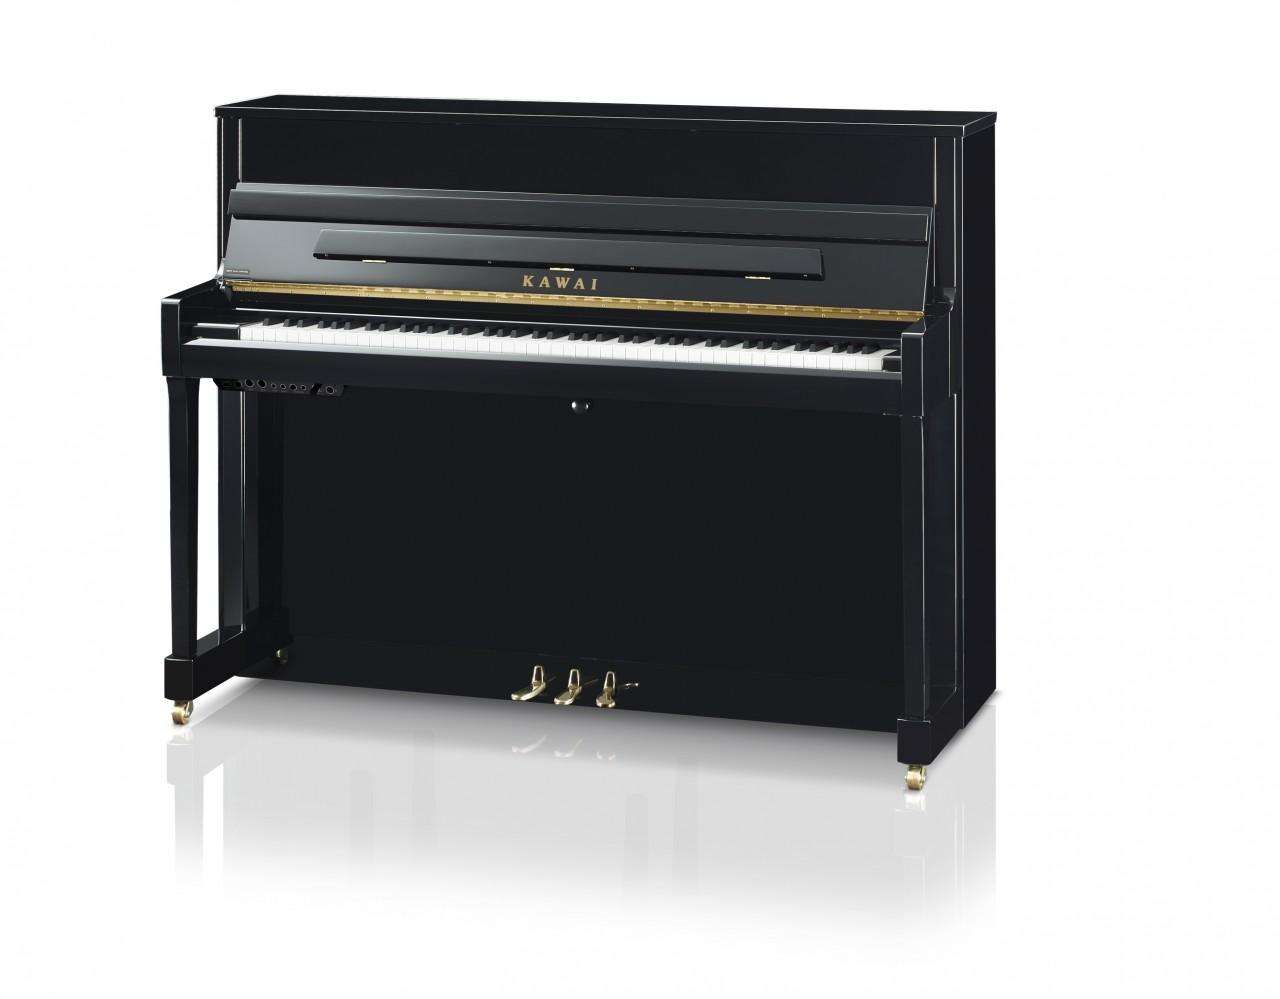 Kawai Klavier K 200 ATX3